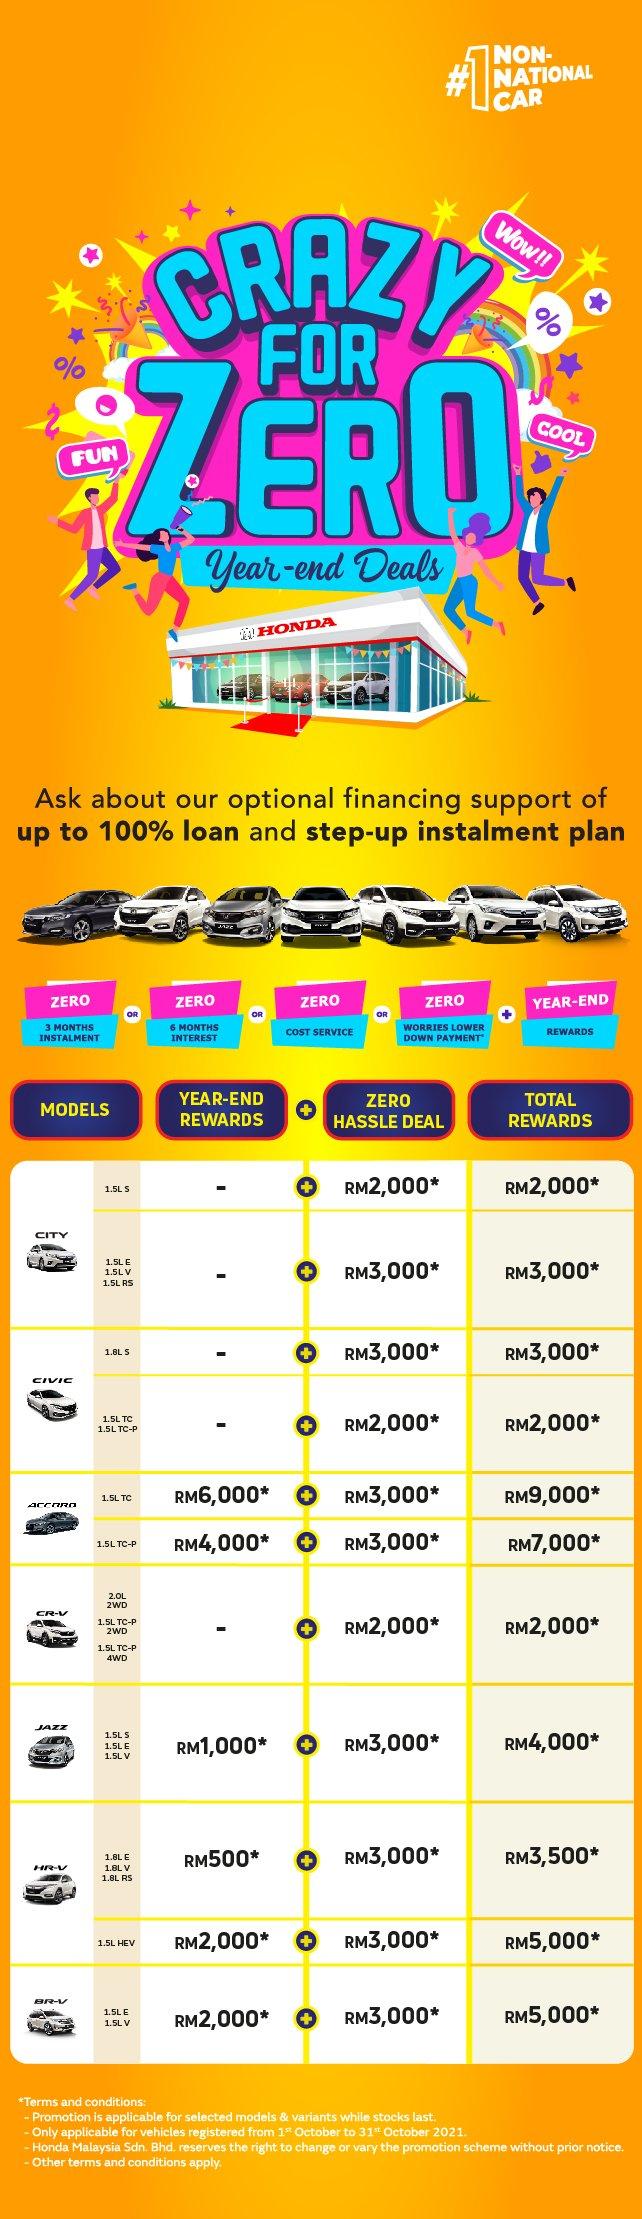 Honda October Promotion